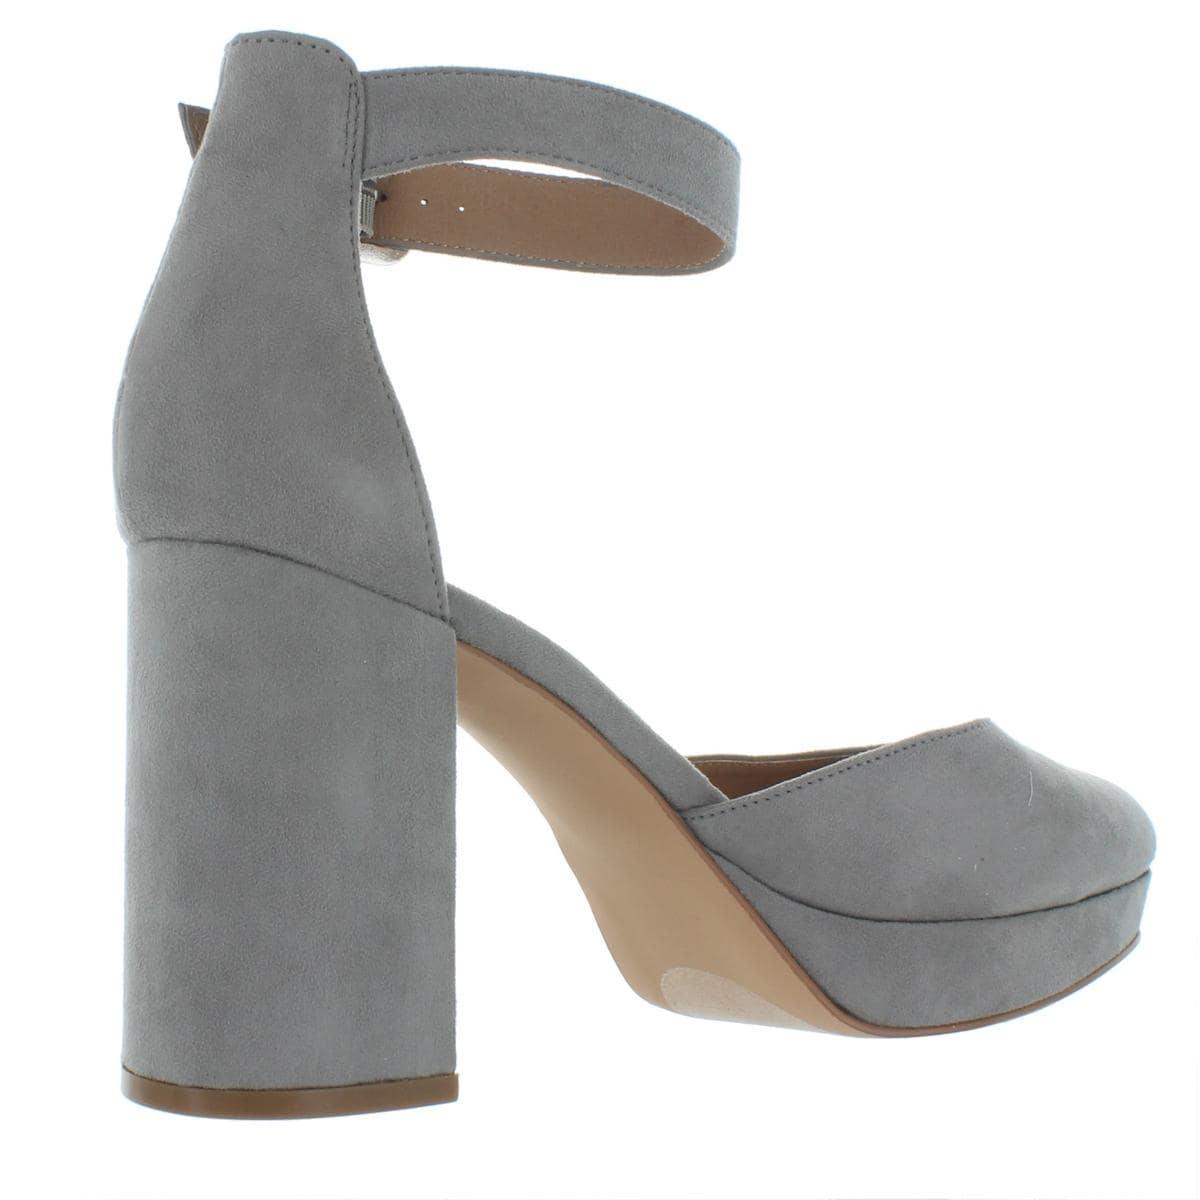 b94bec614d702 Steve Madden Womens Marykate Platform Heels Solid Dress